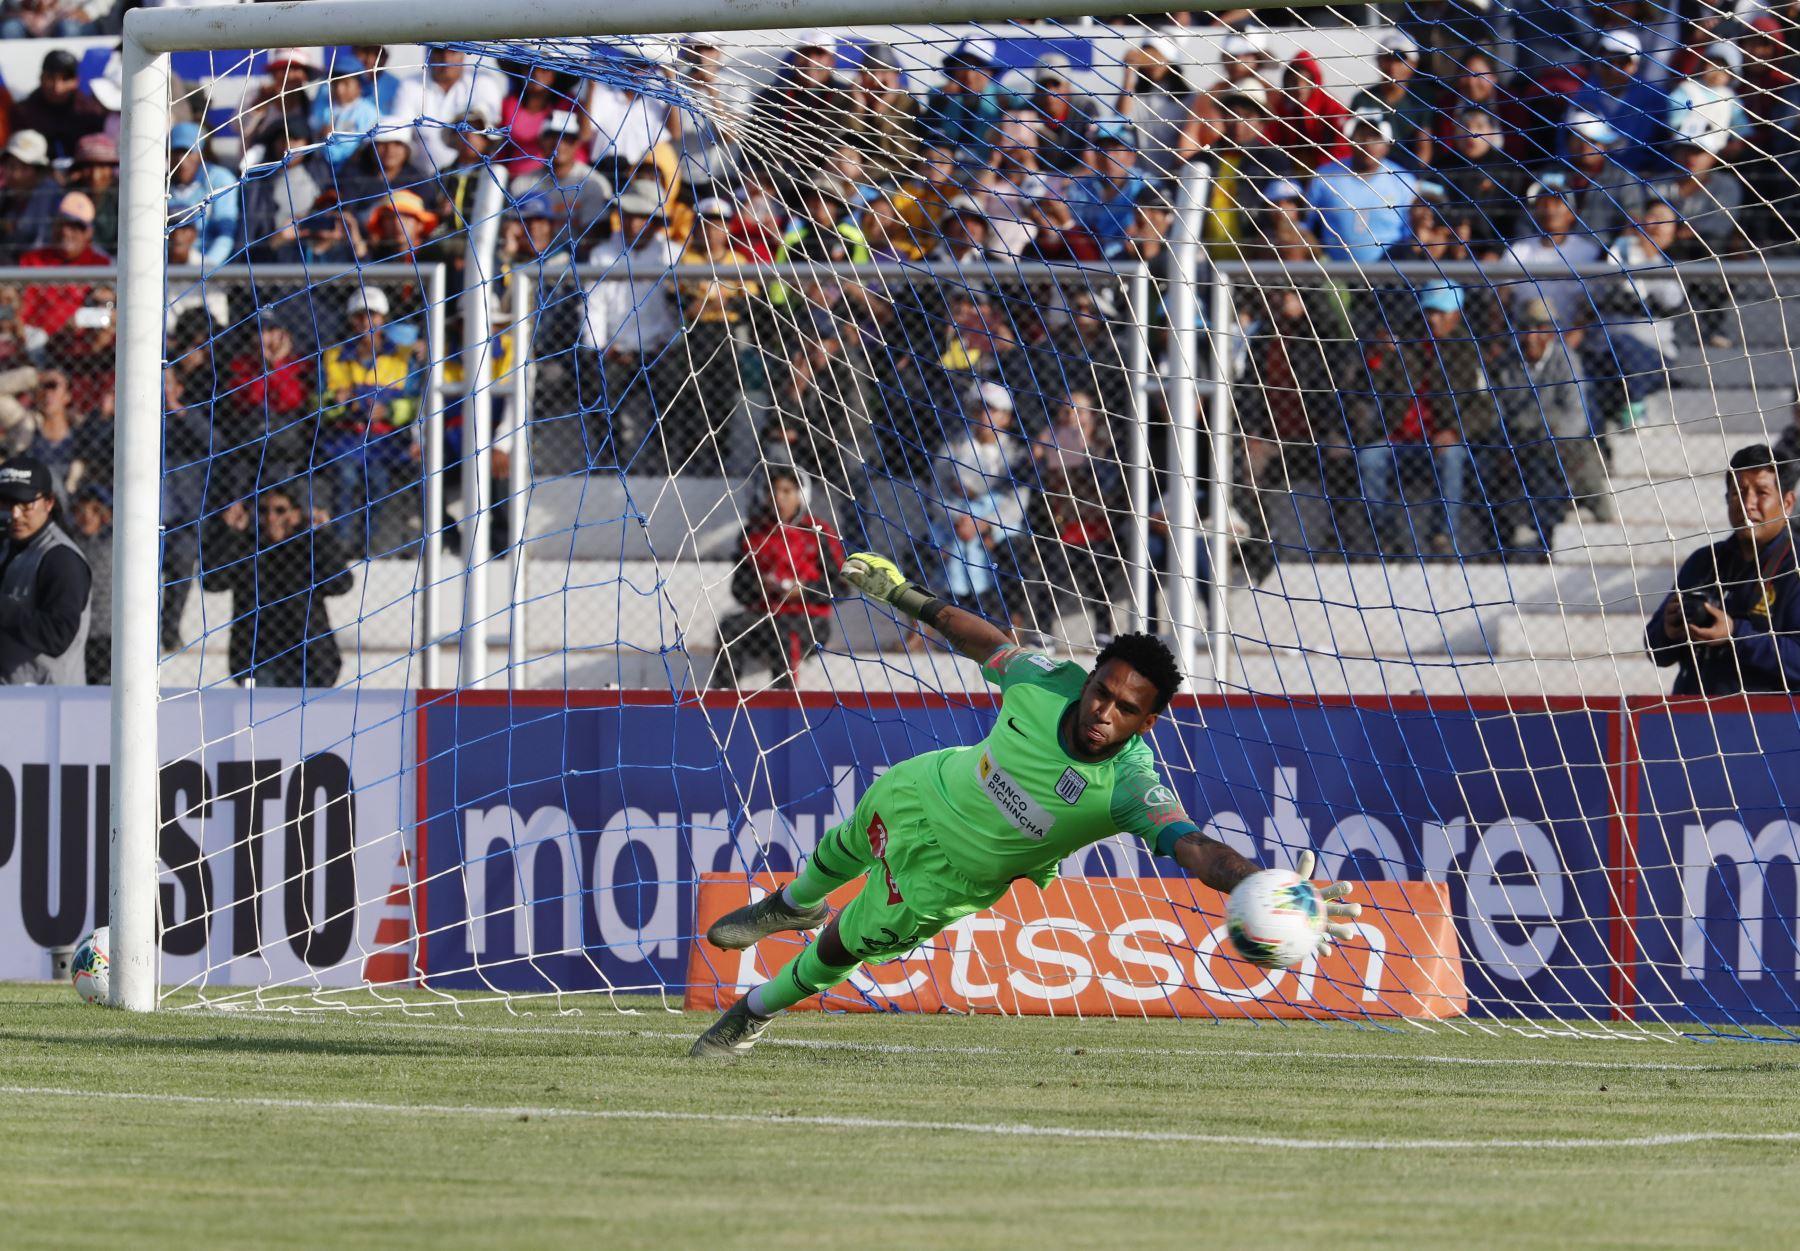 Pedro Gallese de Alianza Lima no puede atajar el penal ejecutado por Binacional en el partido de ida en la final del fútbol peruano por la Liga 1, en la ciudad de Juliaca – Puno. Foto: ANDINA/Carlos Lezama